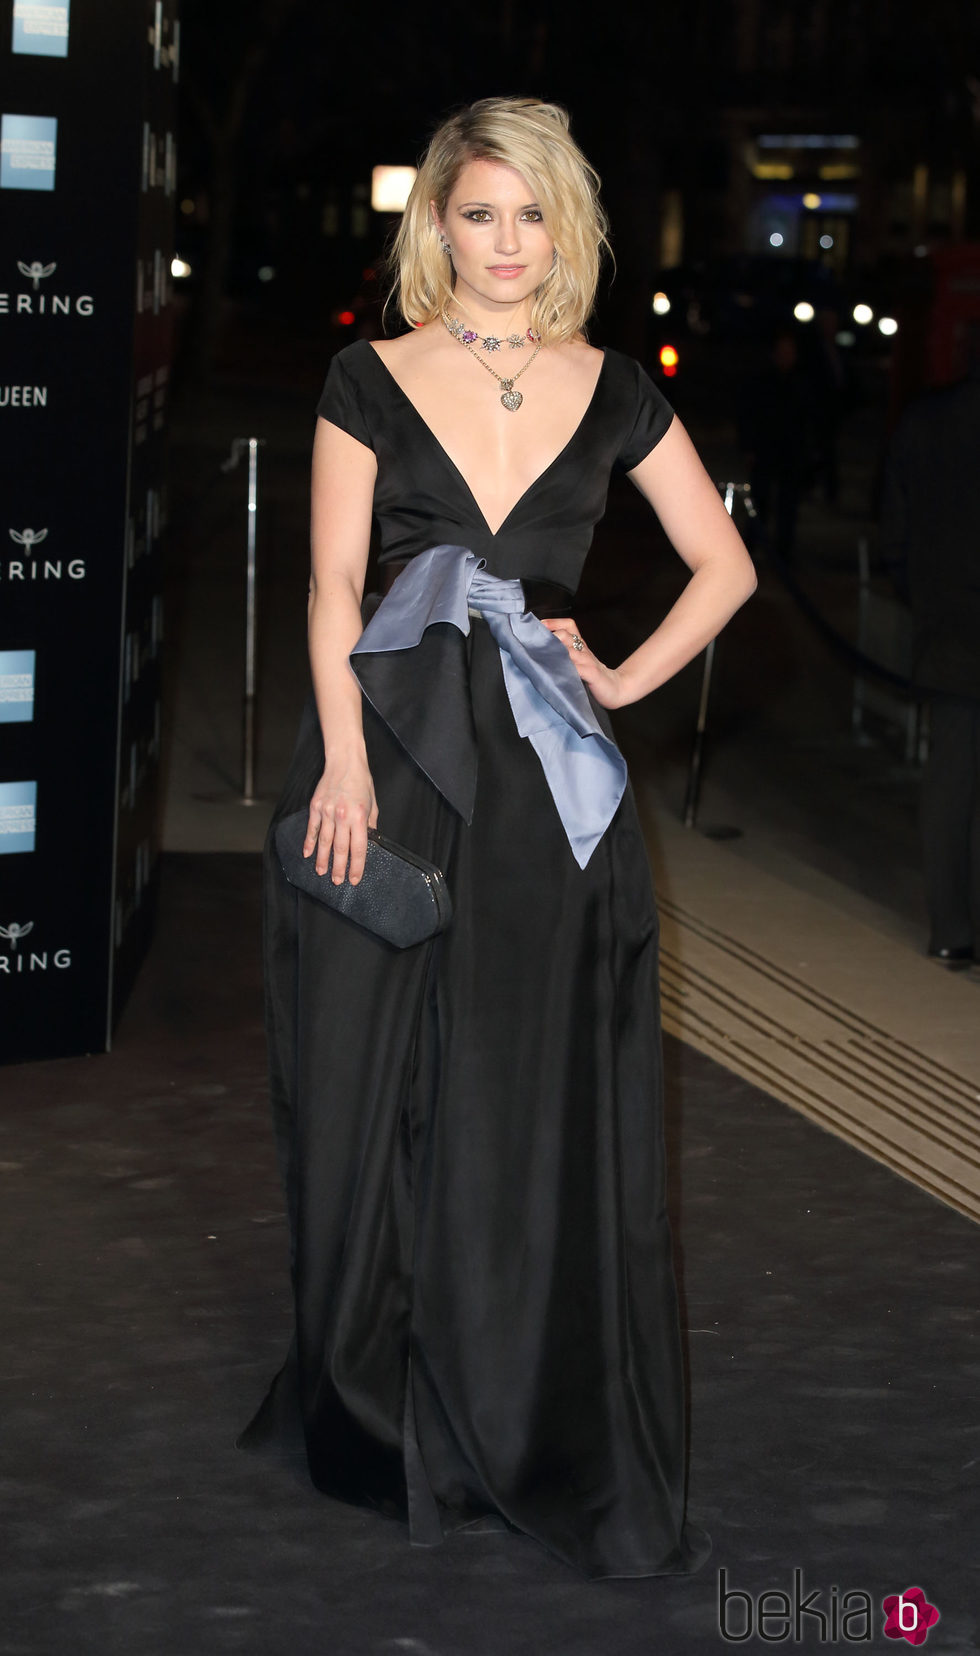 Dianna Agron en la inauguración de la exposición de Alexander McQueen en Londres